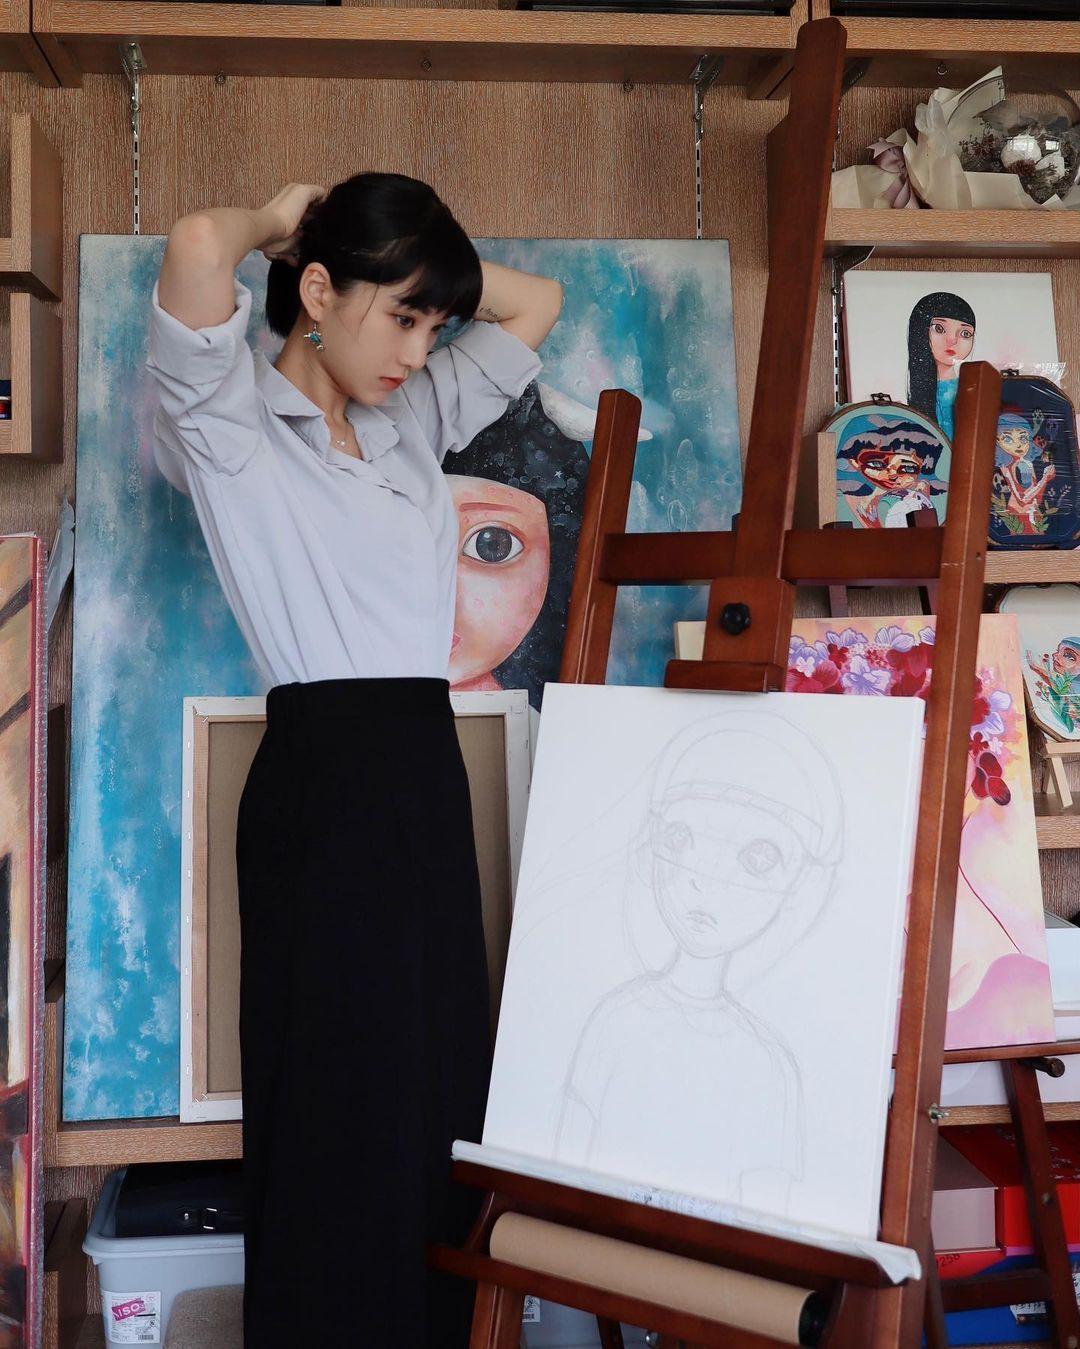 美少女美术家 李优 日常美图图片欣赏-觅爱图